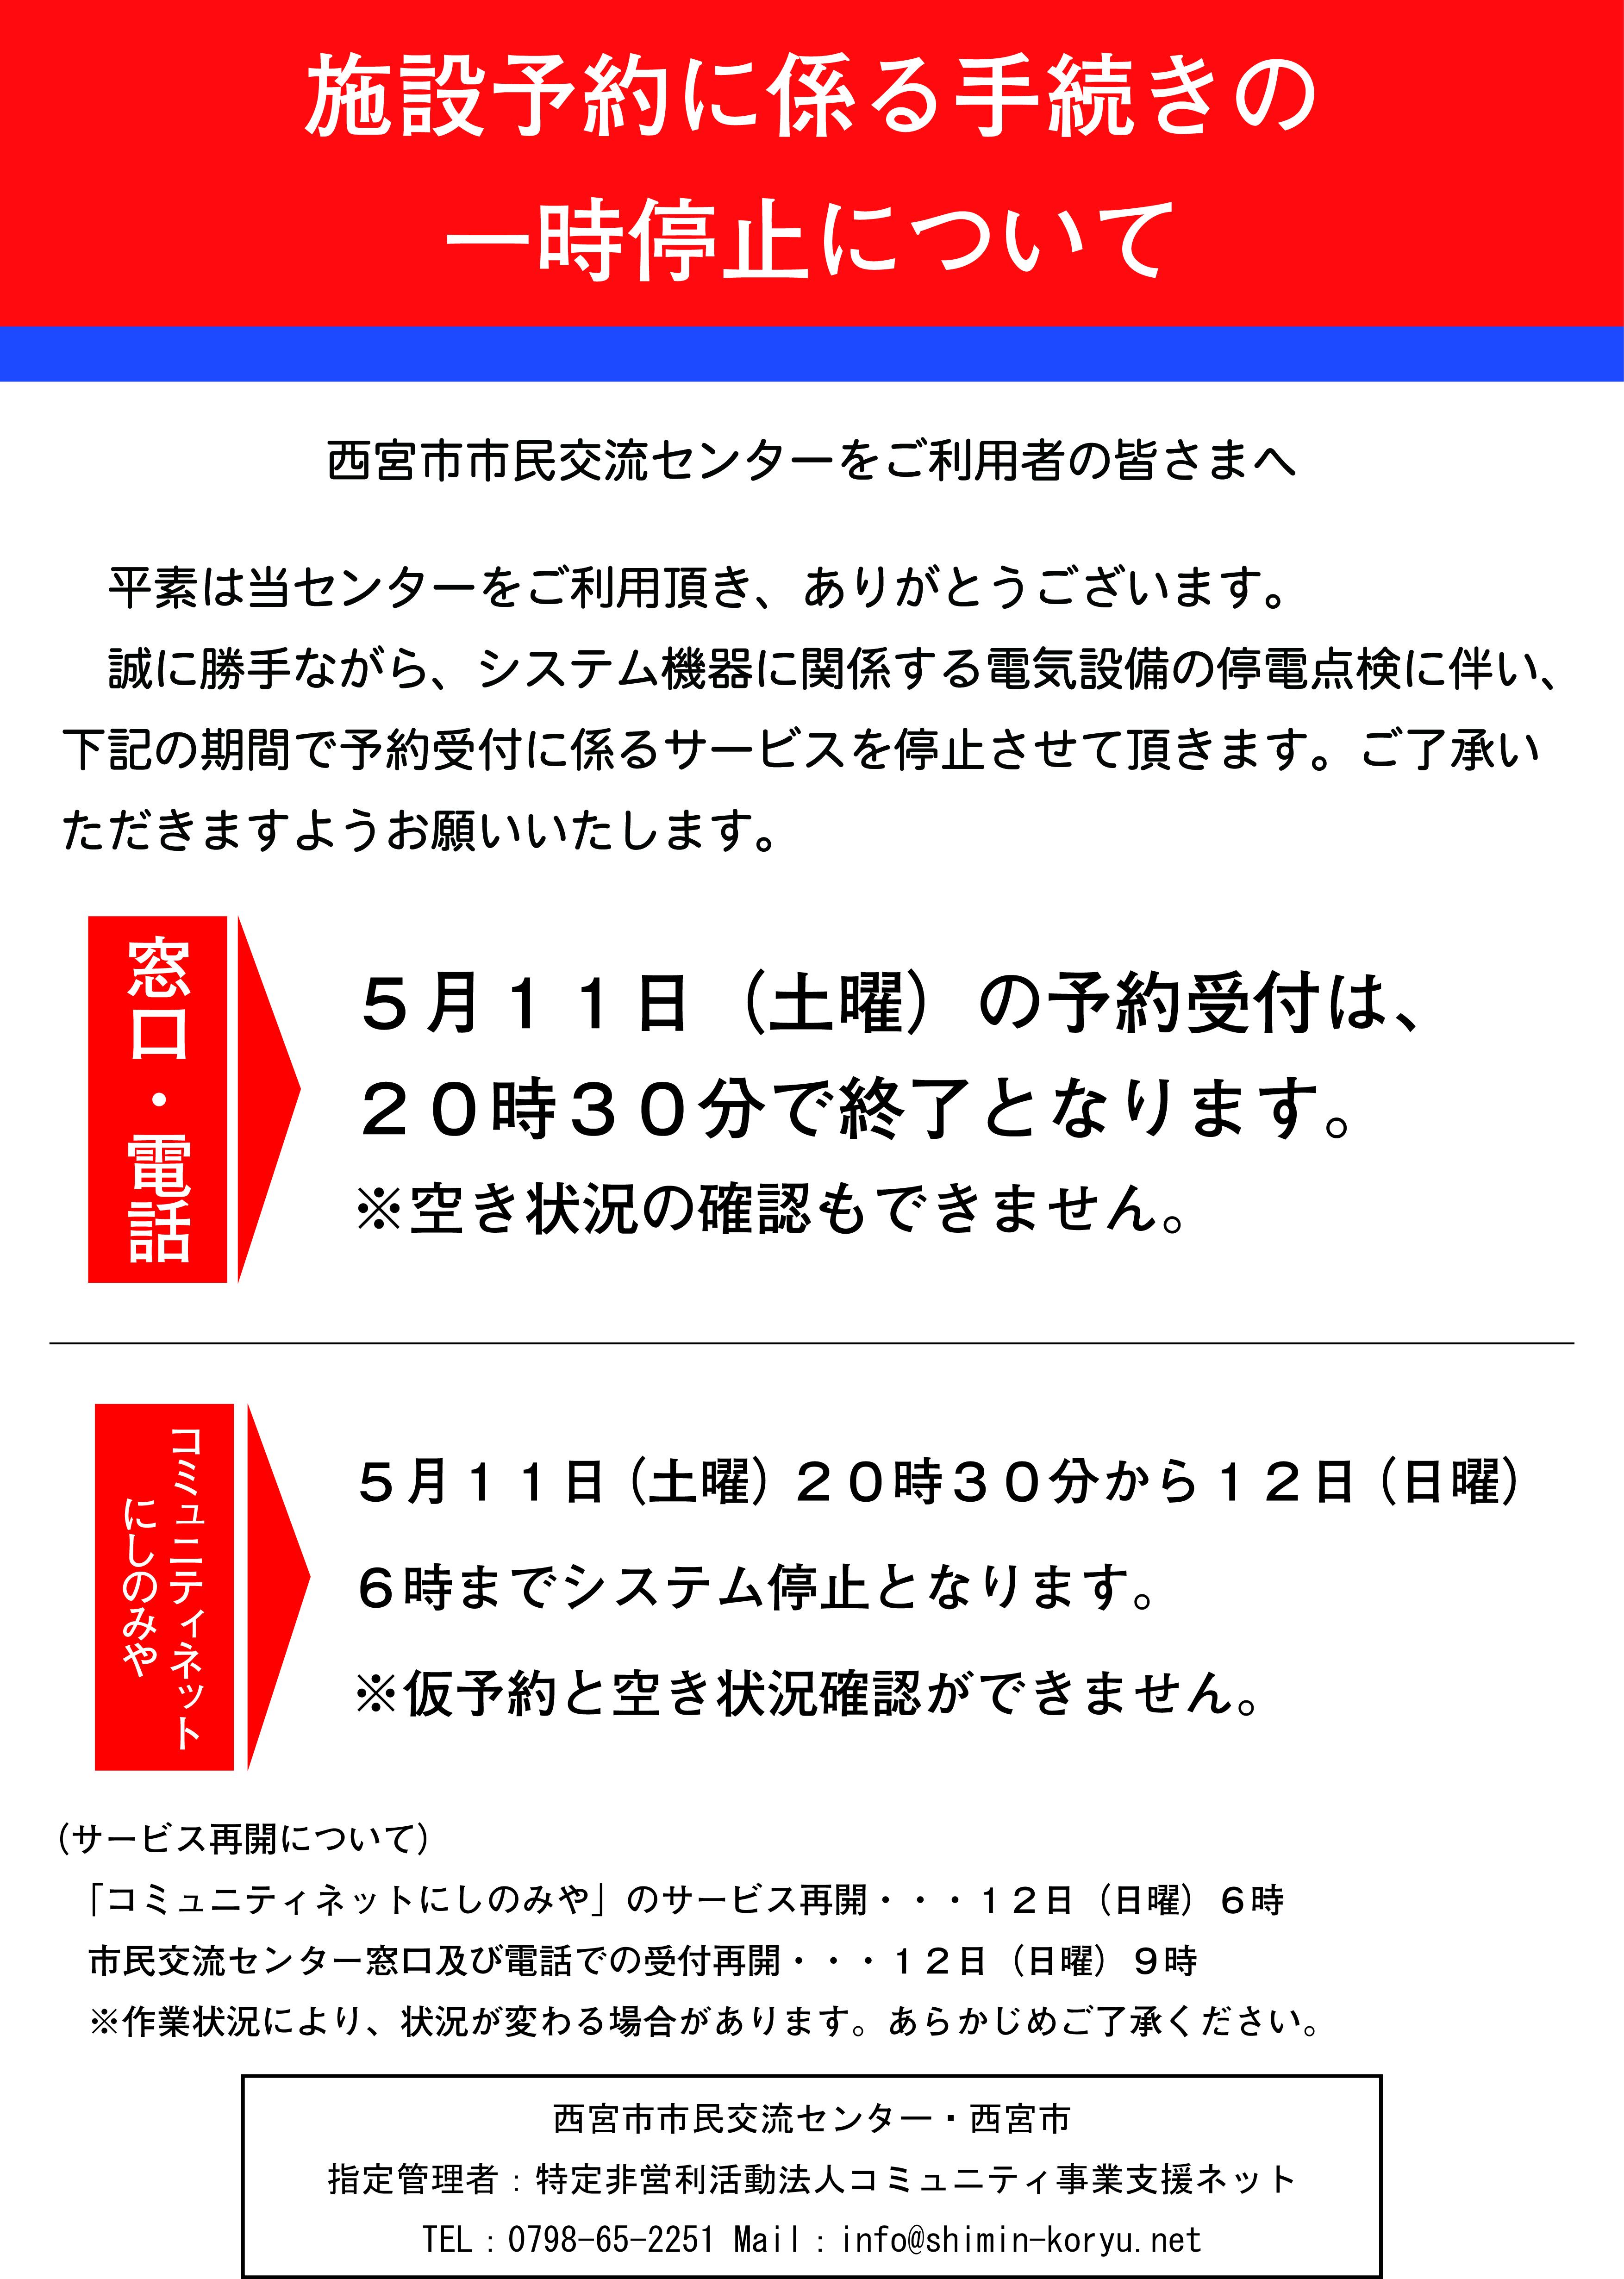 0511予約受付中断 掲示用(20190410)